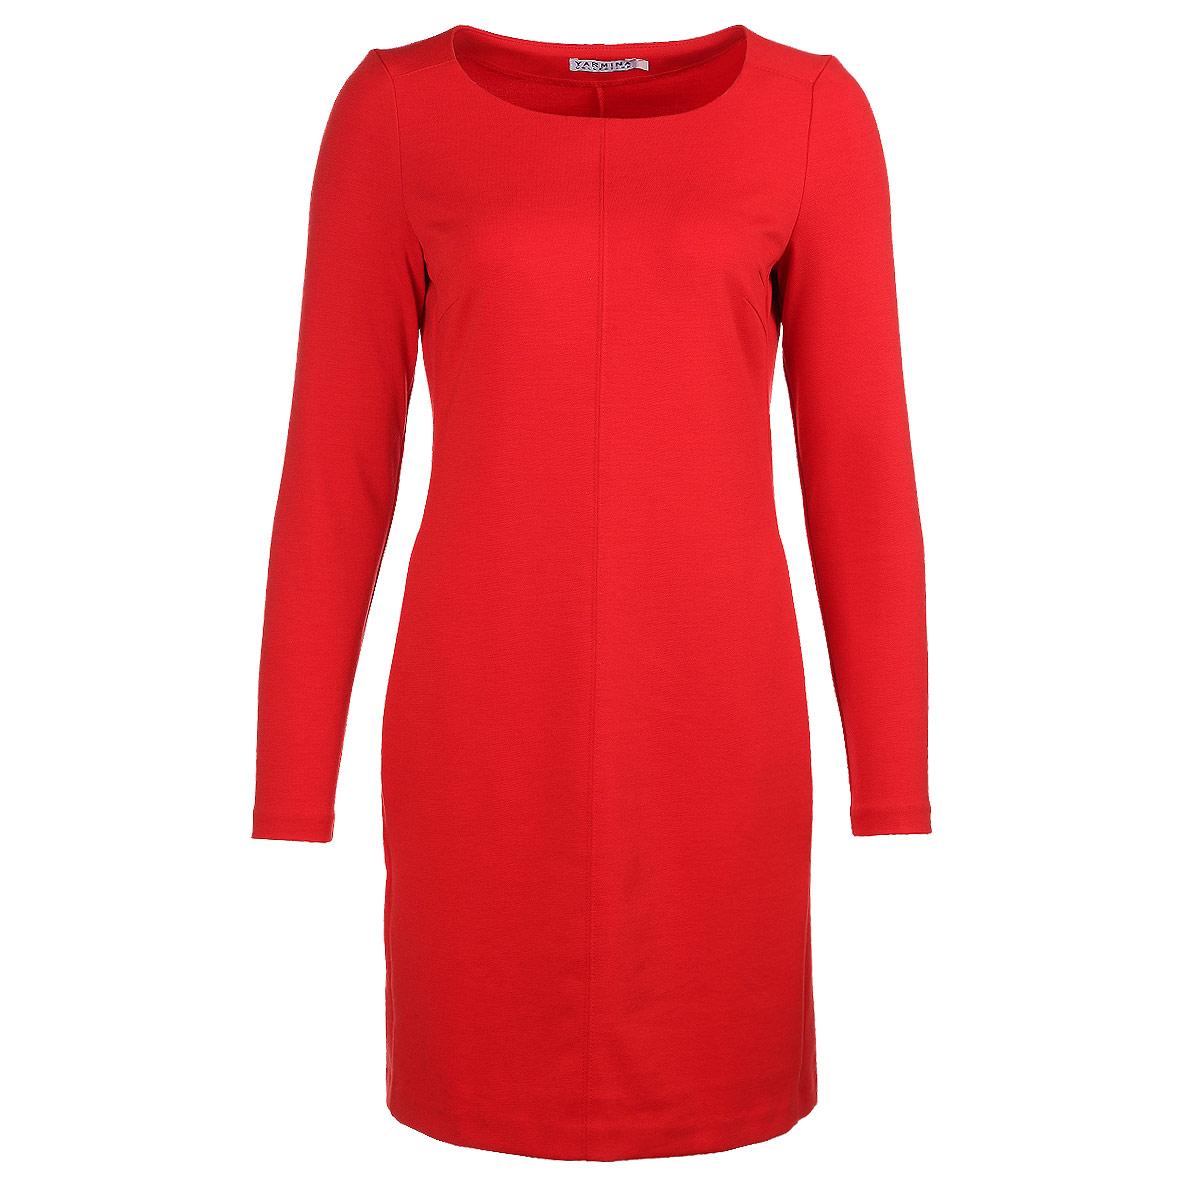 Платье. Y0235-0010/Y0226-0010Y0226-0010 newЭлегантное платье Yarmina изготовлено из высококачественного материала. Такое платье обеспечит вам комфорт и удобство при носке. Платье с длинными рукавами и круглым вырезом горловины понравится любой ценительнице классического стиля и современных форм. Платье оформлено декоративными вытачками на груди, и дополнено двумя прорезными карманами. Приталенная модель с прямой юбкой великолепно подчеркнет достоинства вашей фигуры. Изысканное платье создаст обворожительный неповторимый образ. Это модное и удобное платье станет превосходным дополнением к вашему гардеробу, оно подарит вам удобство и поможет вам подчеркнуть свой вкус и неповторимый стиль.